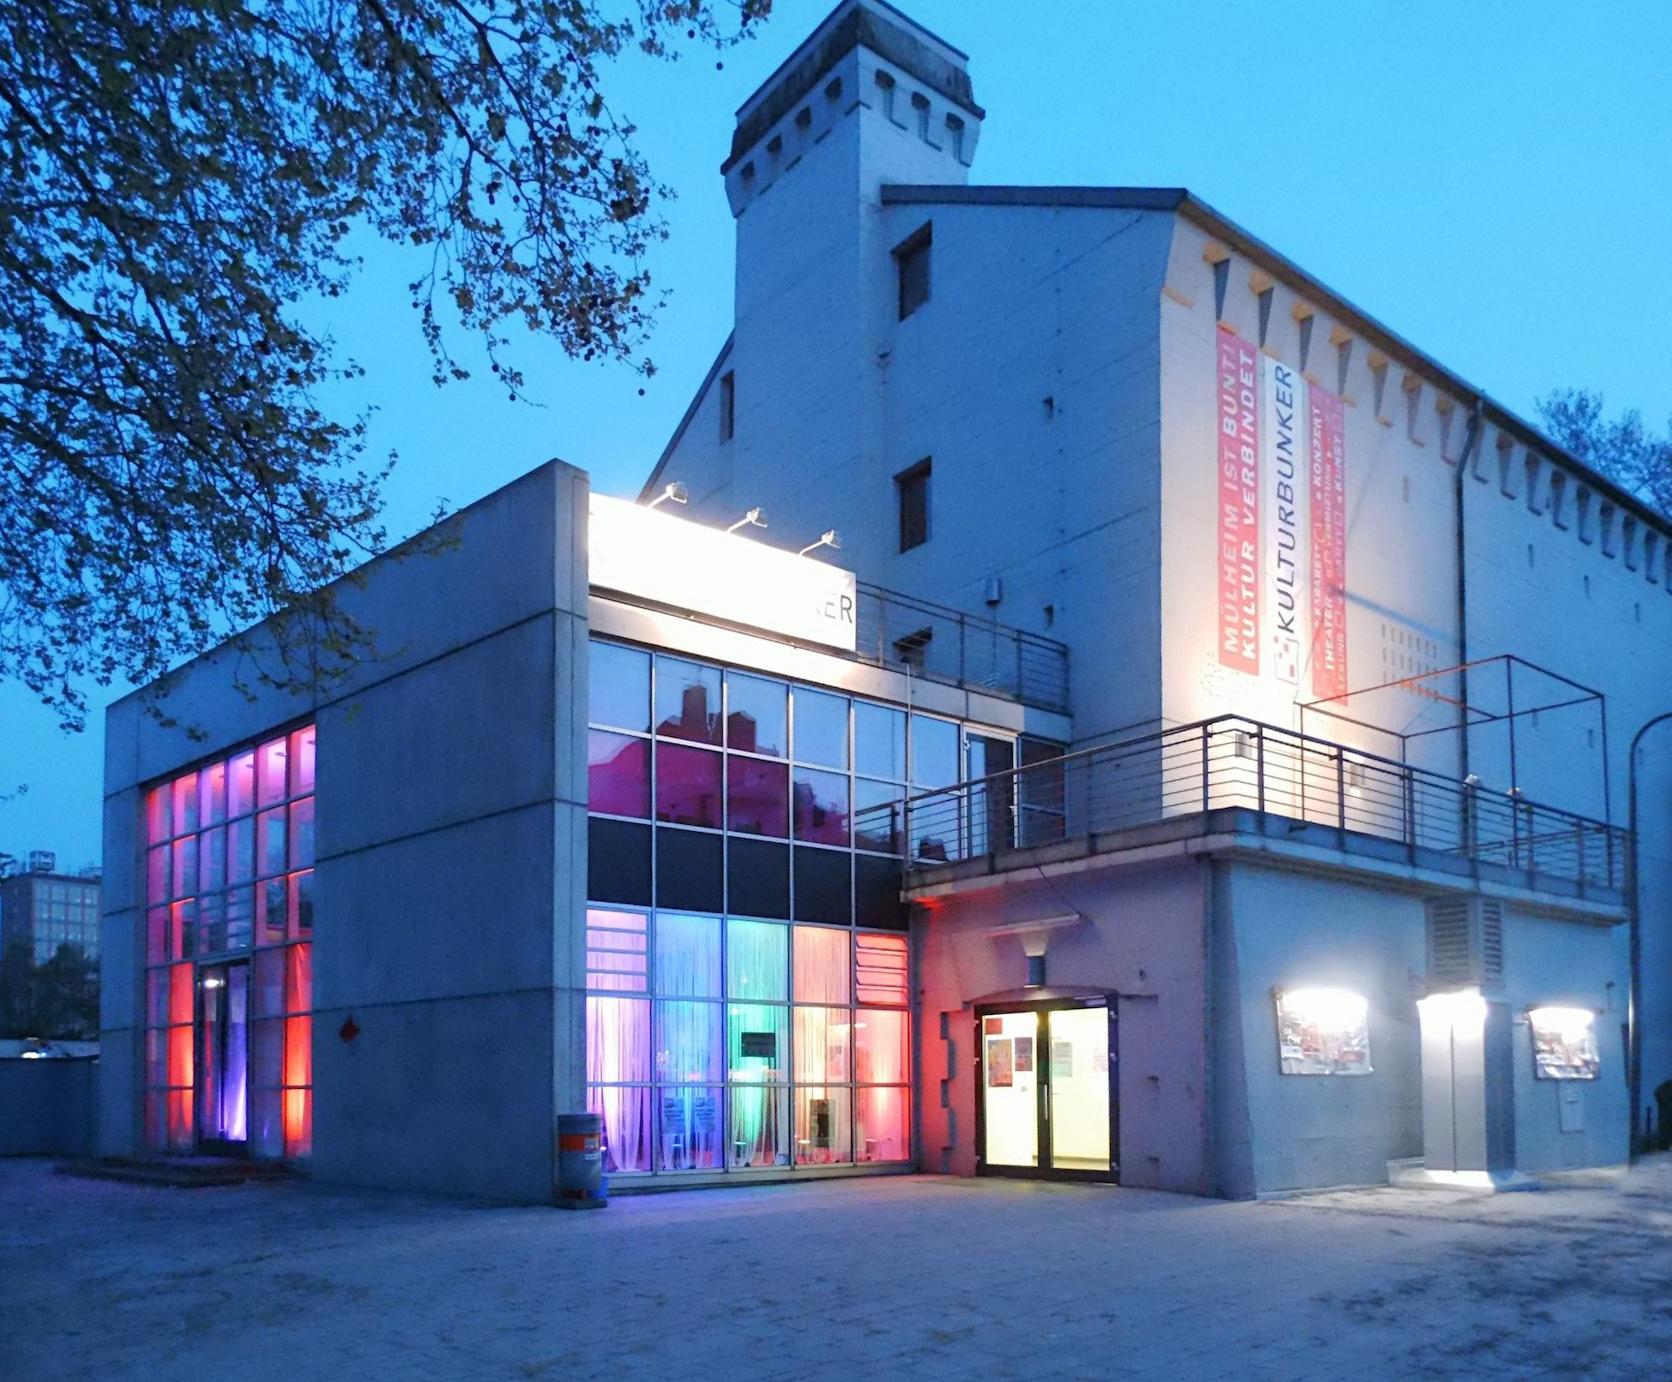 Kulturbunker Programm 9 2021